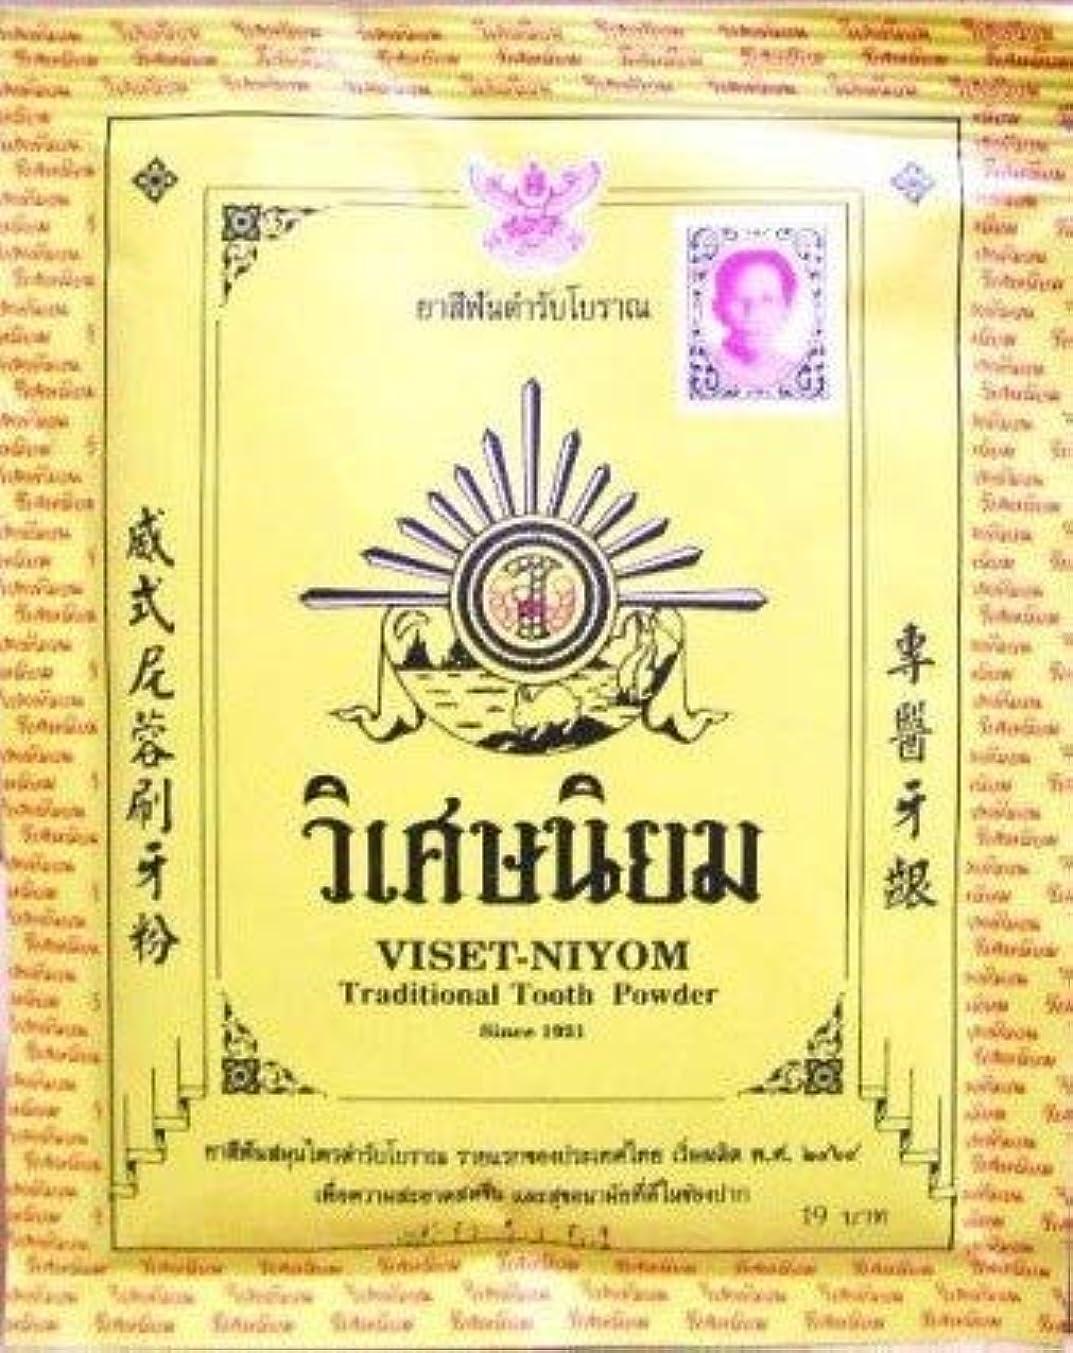 公平なポルトガル語速報Ni Yom Thai shop Viset Niyom Thailand Traditional Herbal Toothpaste Powder Reduce Plaque 40g pack of 3